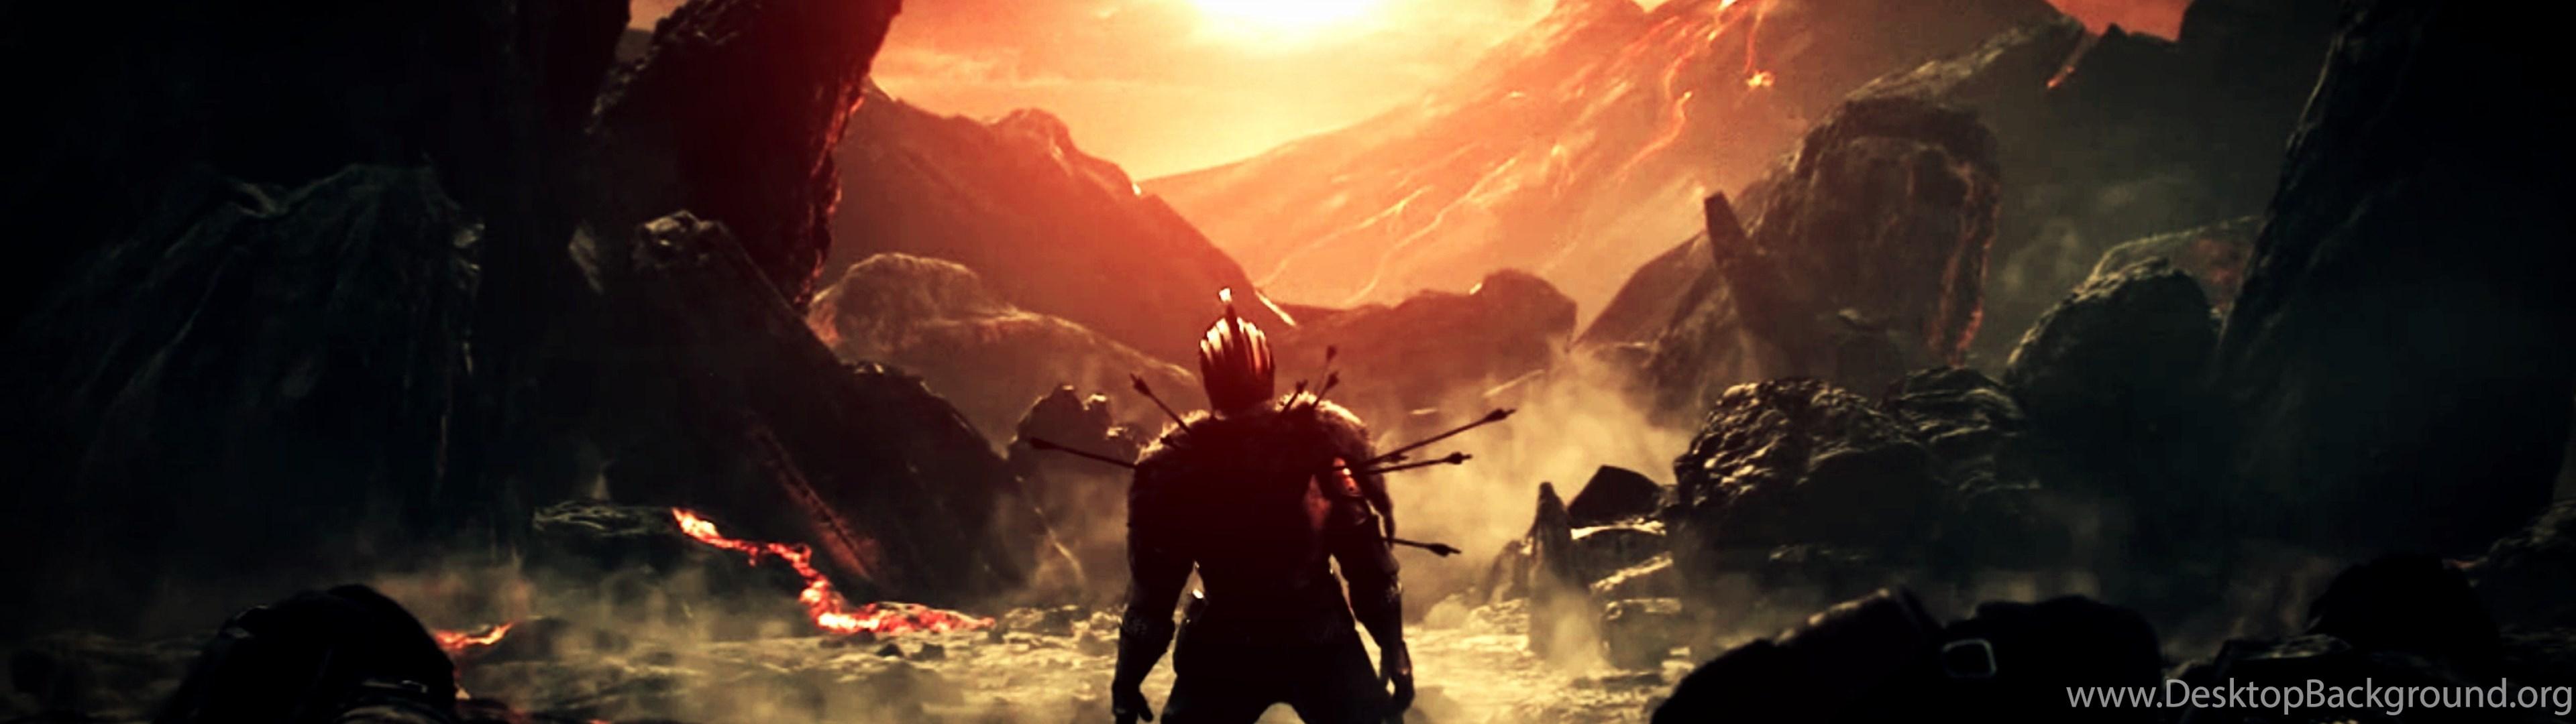 Dark Souls 1 Wallpapers Desktop Background